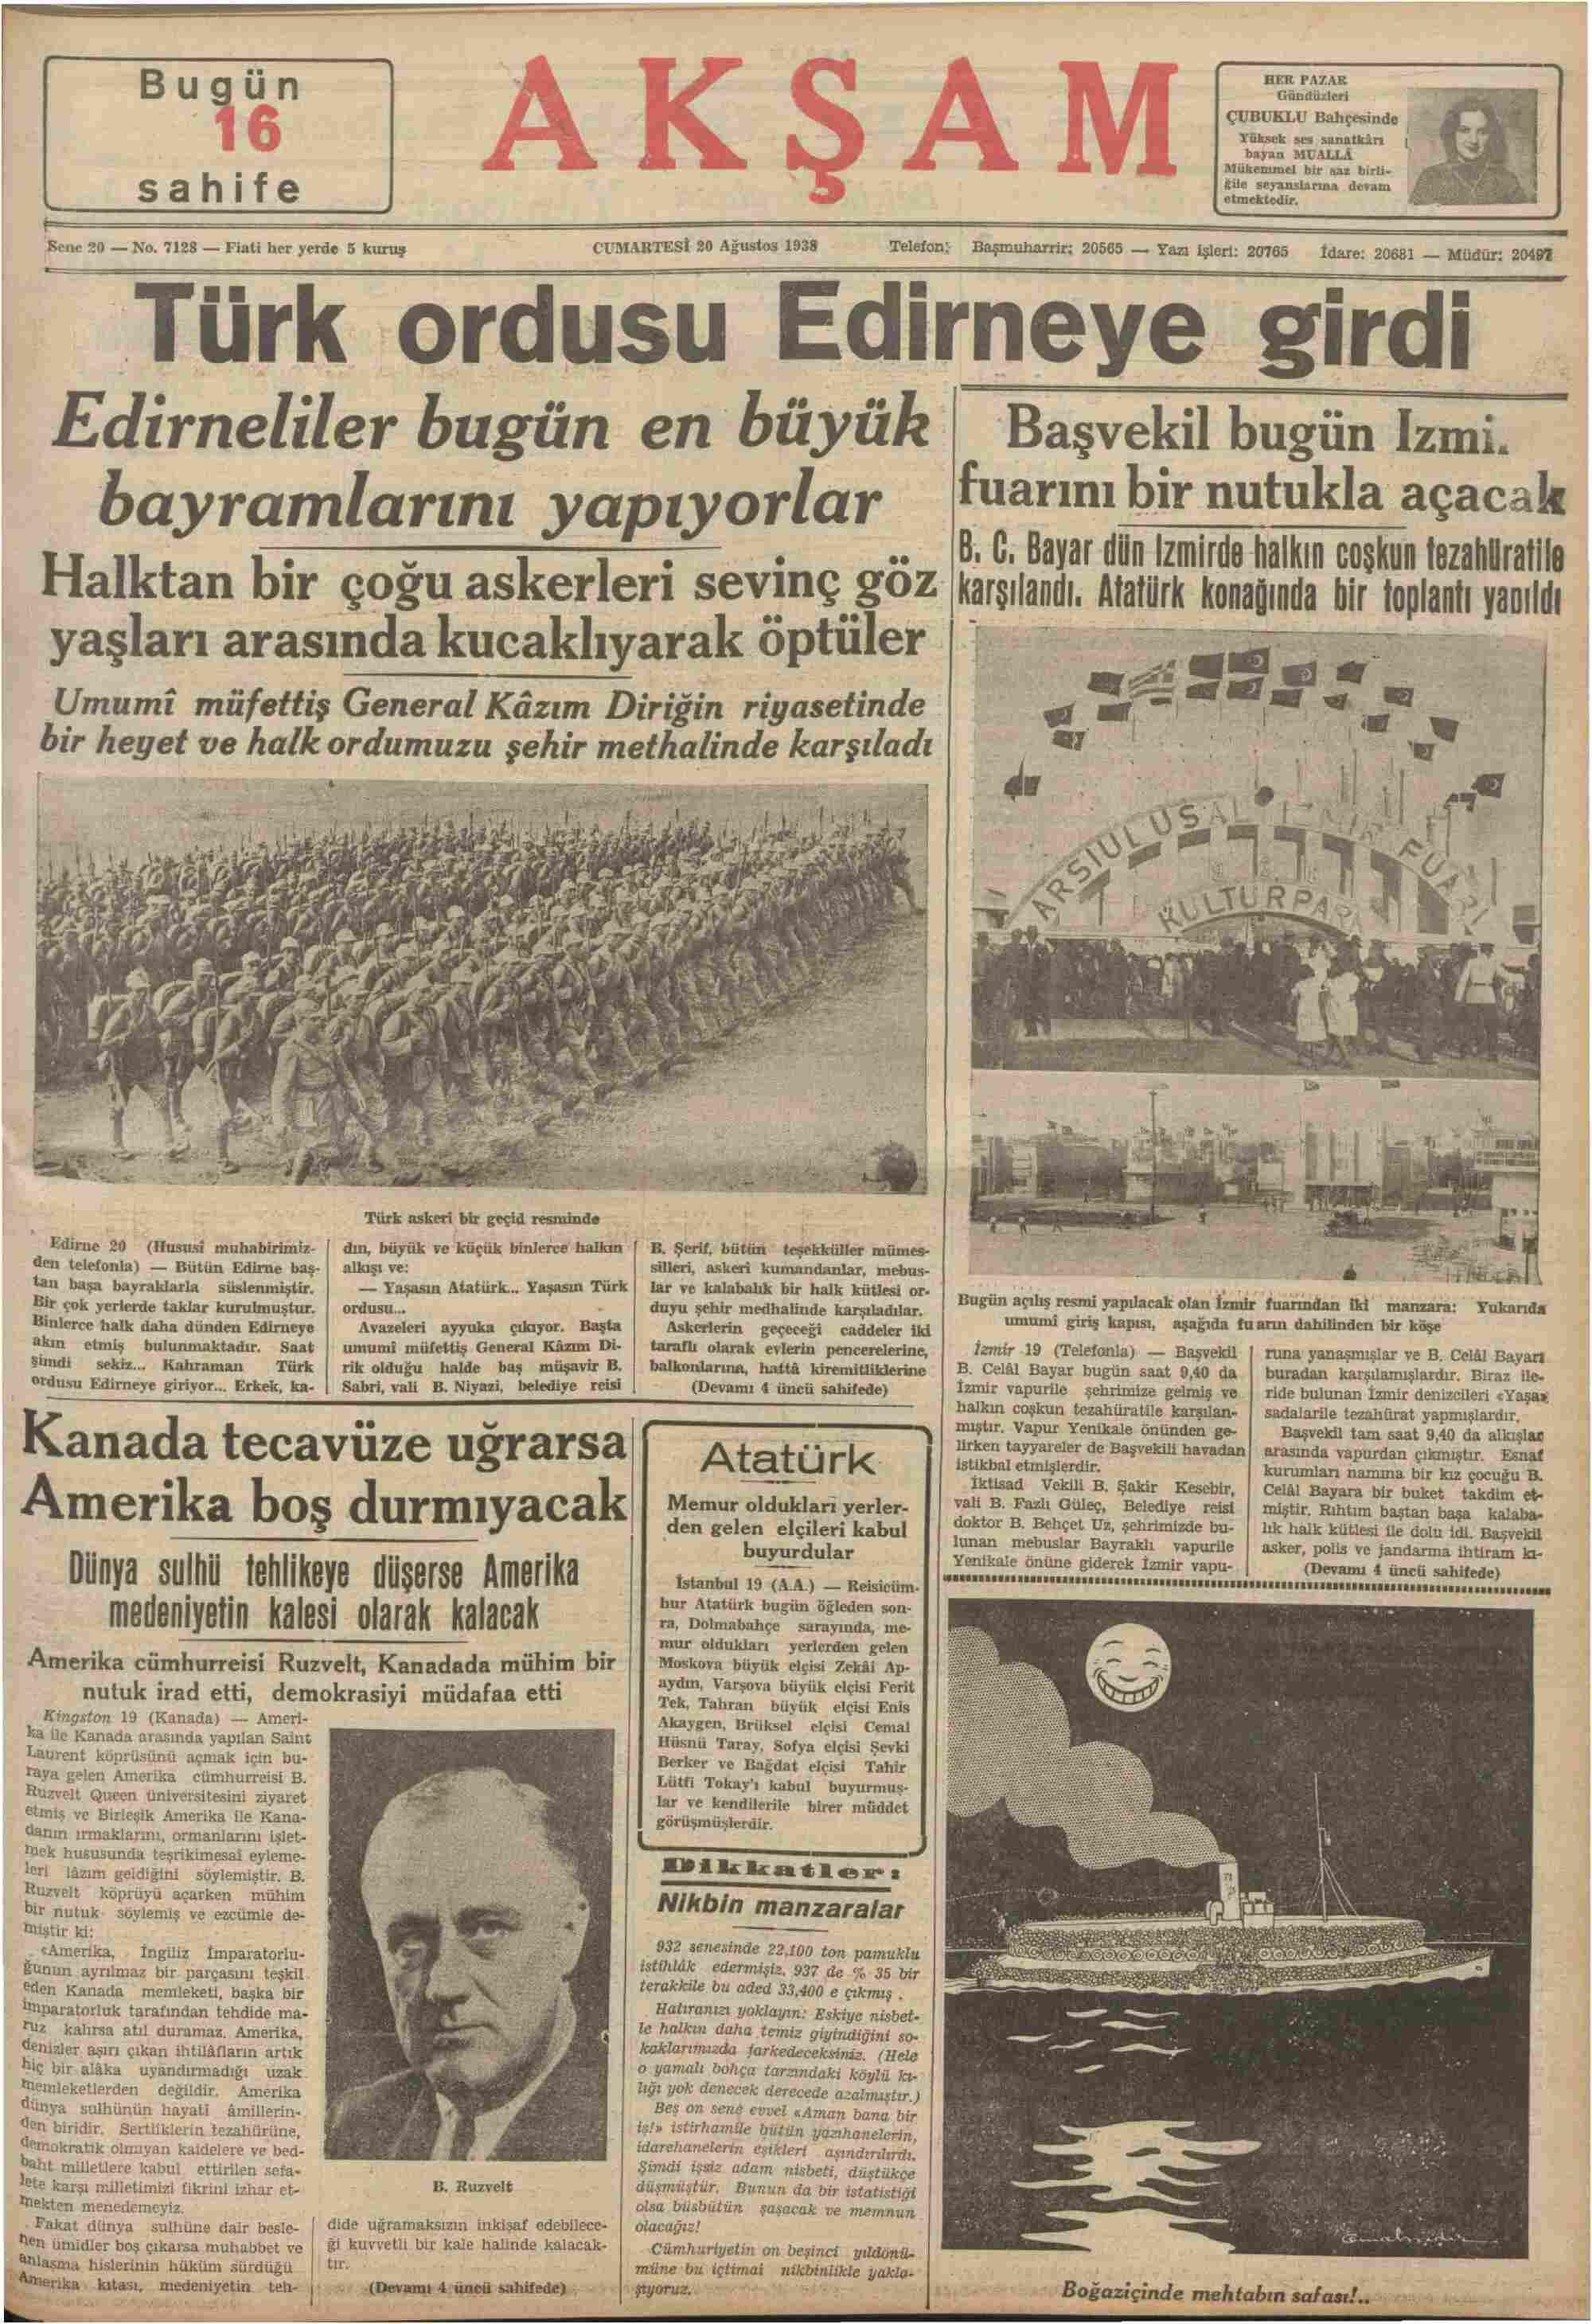 19 Ağustos 1938 Tarihli Akşam Gazetesi Sayfa 1